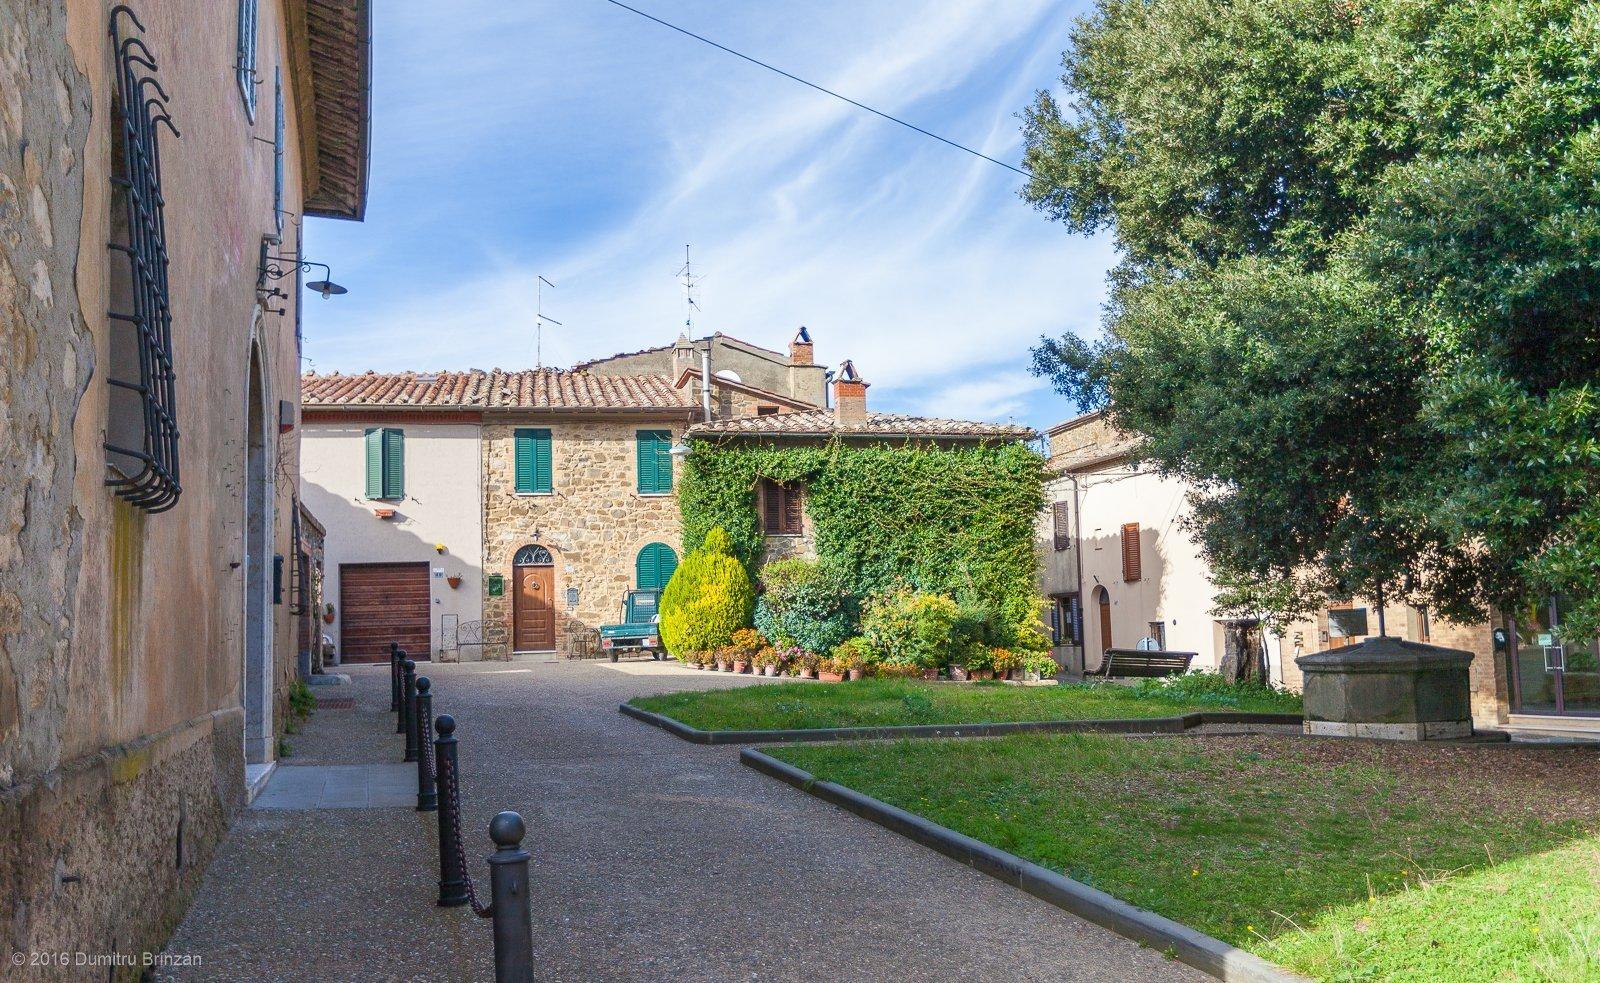 2016-montalcino-tuscany-italy-27